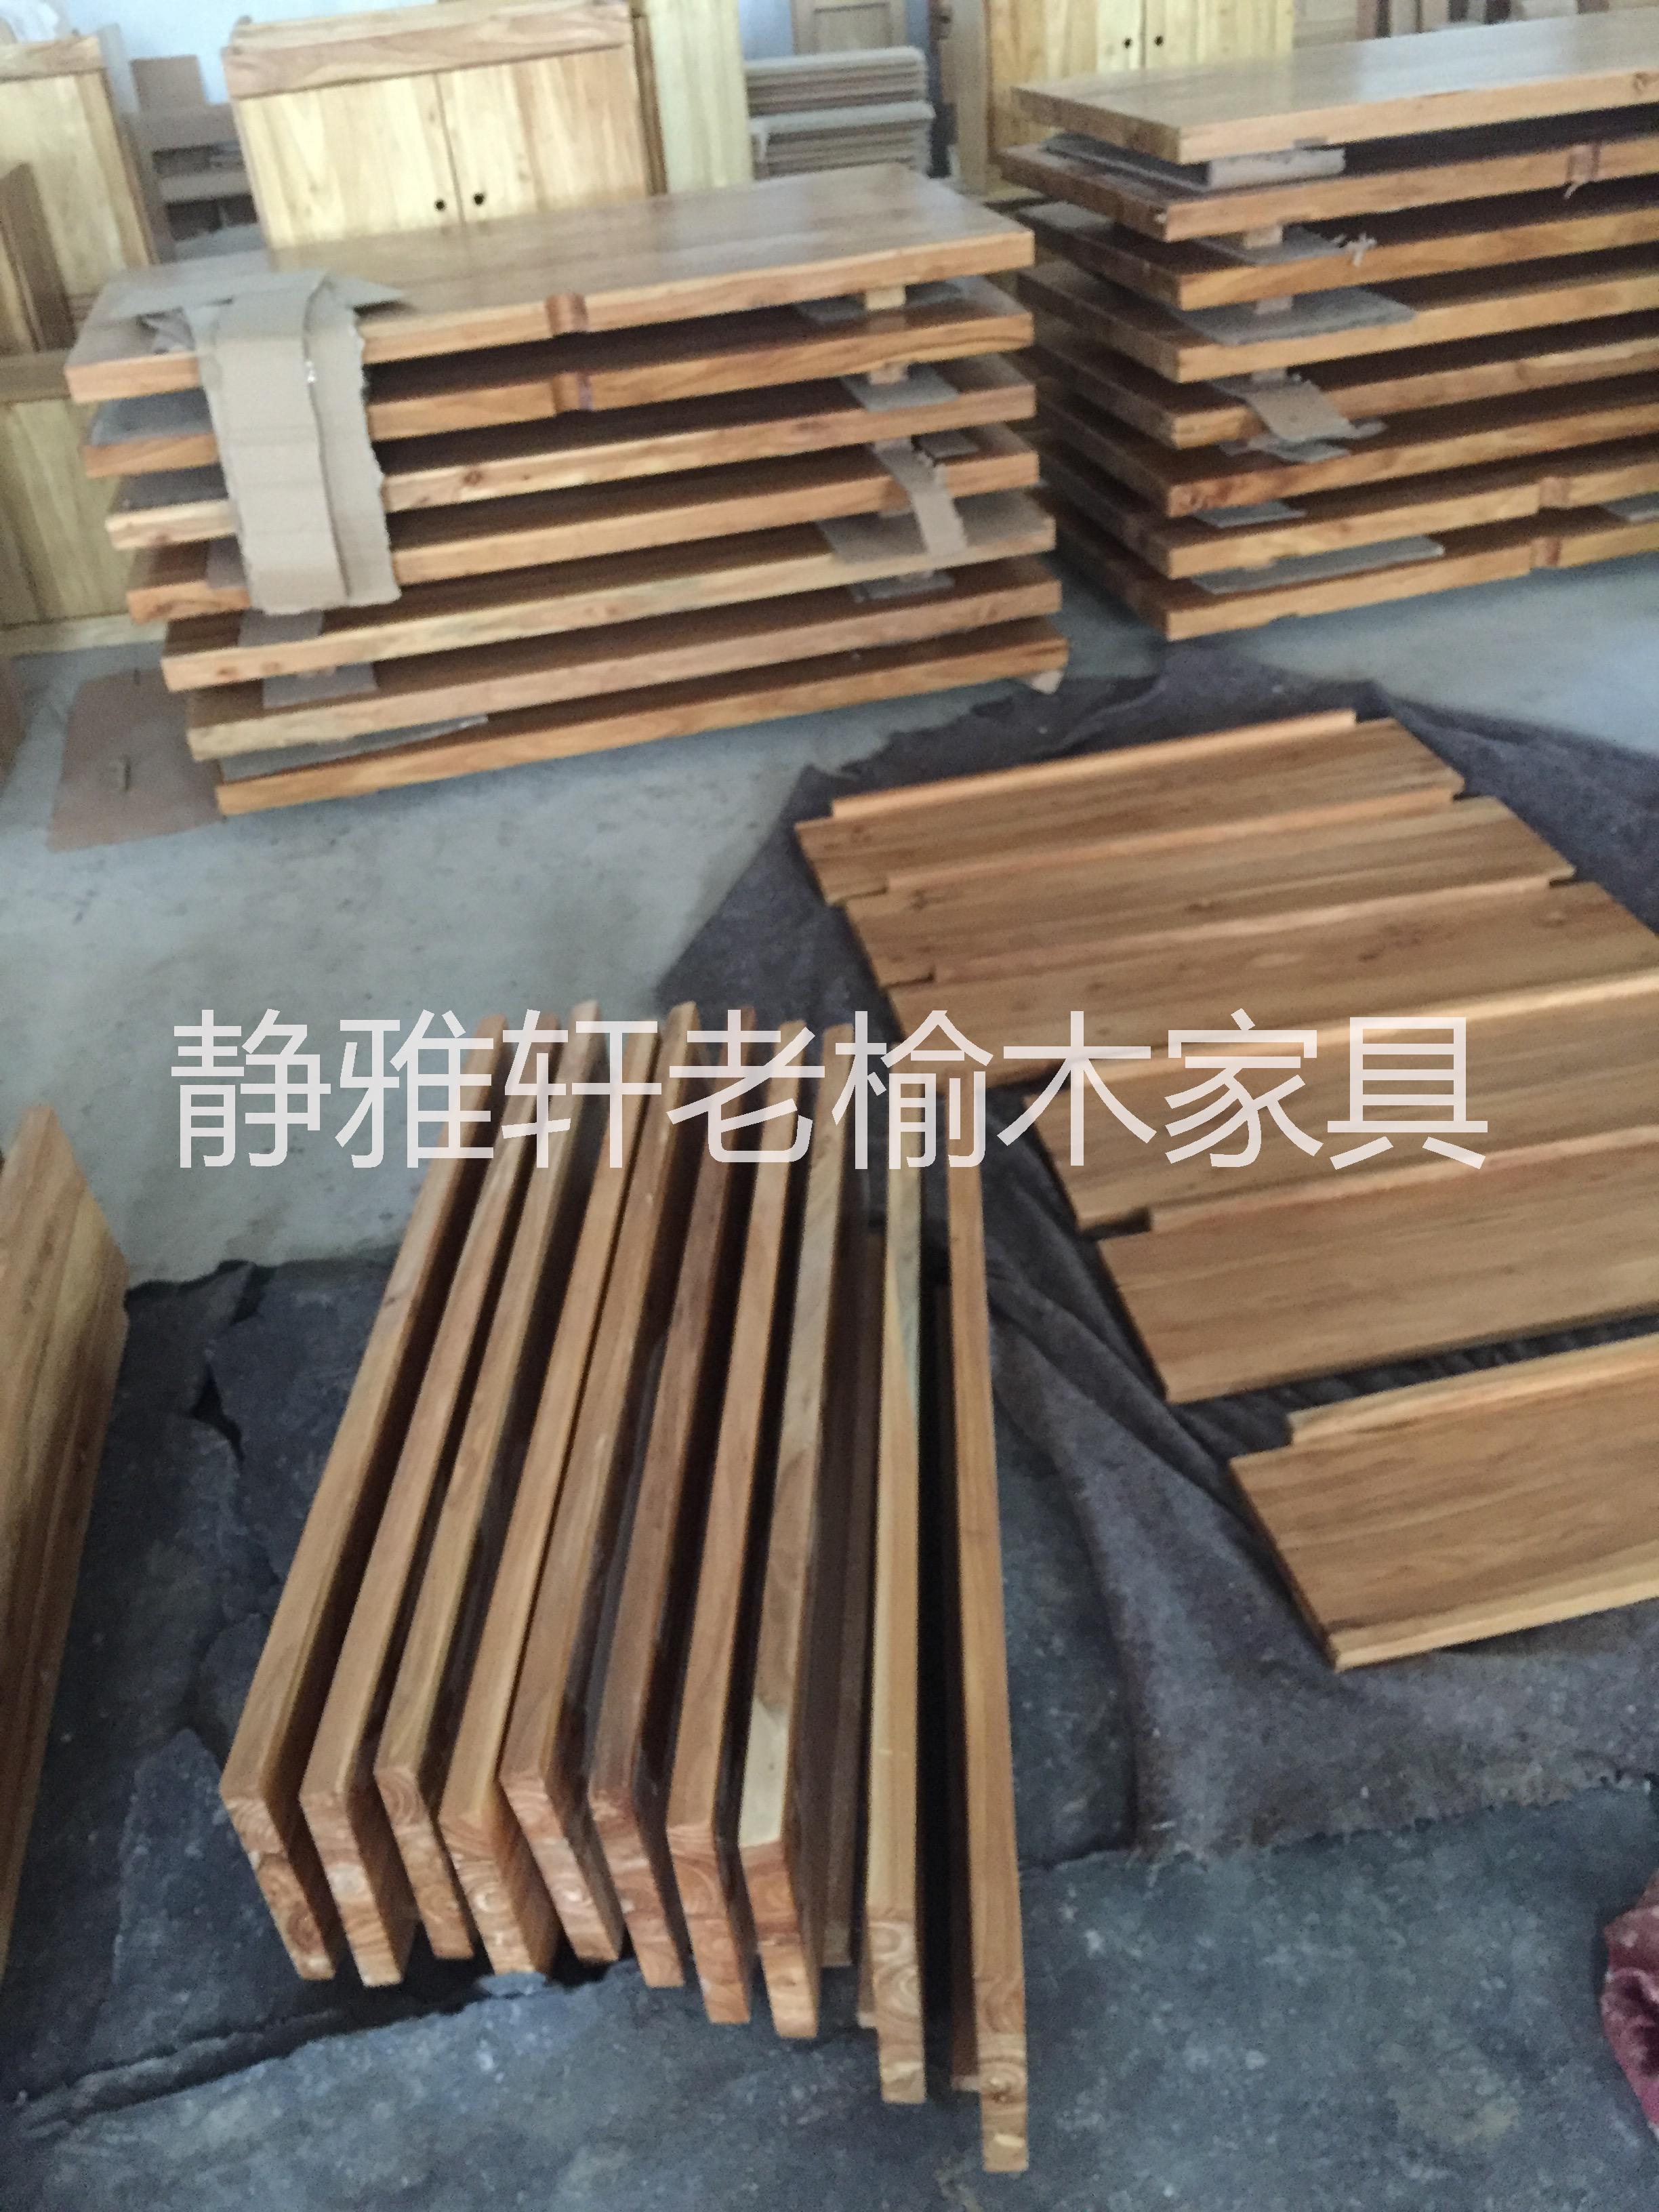 原木木板材复古老榆木桌面实木板吧台工作台装饰板材